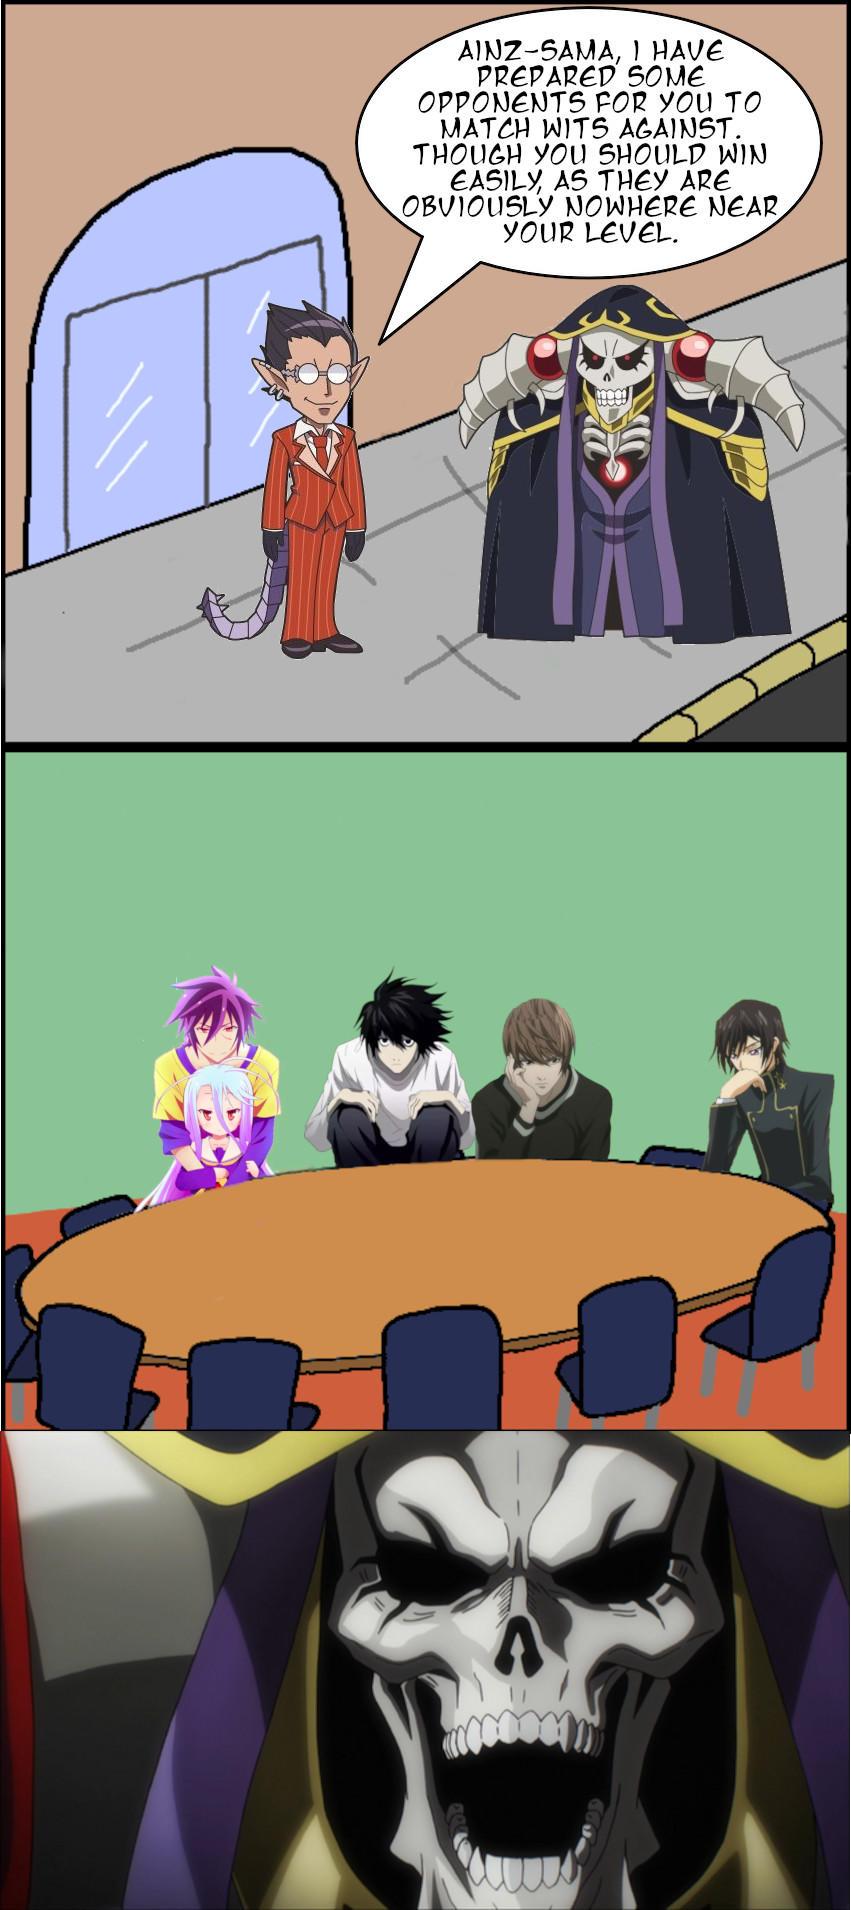 Sasuga Ainz Sama R Animemes Know Your Meme An analysis of sasuga : sasuga ainz sama r animemes know